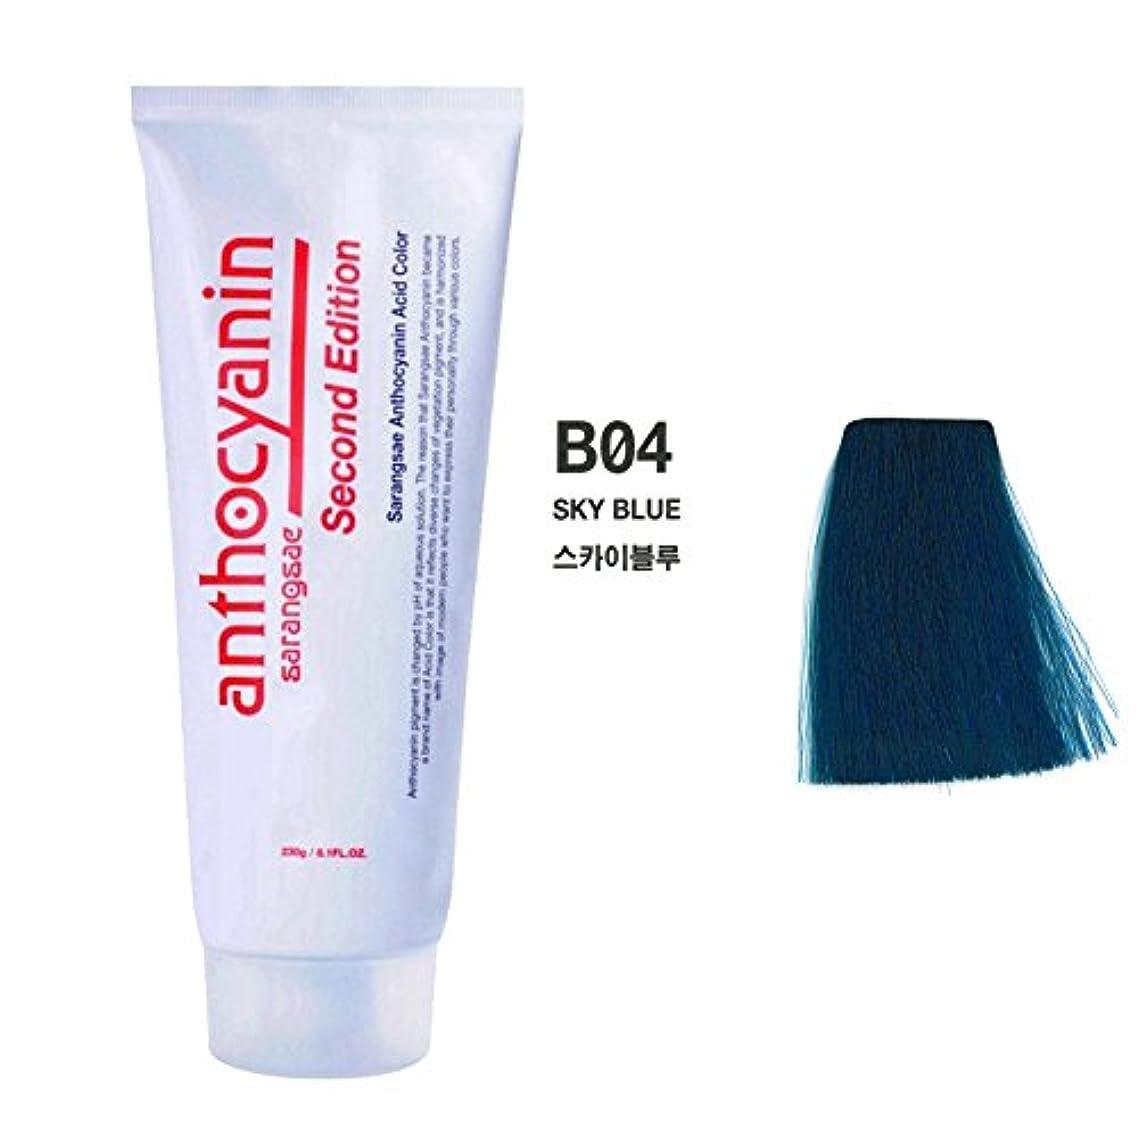 ゲームリクルート共感するヘア マニキュア カラー セカンド エディション 230g セミ パーマネント 染毛剤 (Hair Manicure Color Second Edition 230g Semi Permanent Hair Dye) [並行輸入品] (B04 Sky Blue)